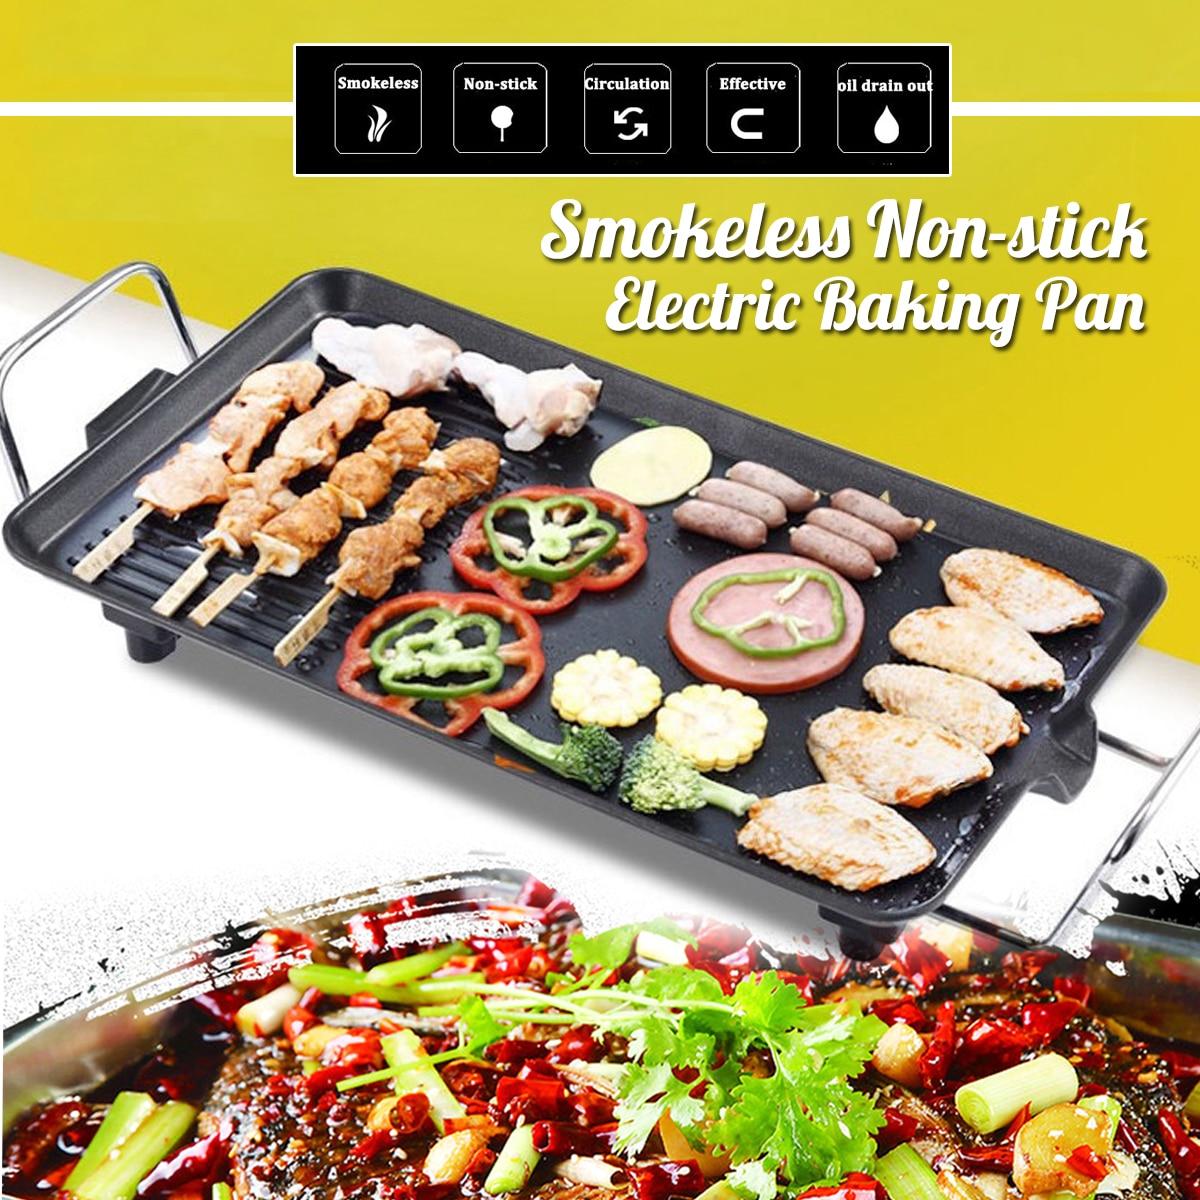 Cuisine électrique barbecue Grill 220 V 1500 W EU Teppanyaki Surface antiadhésive plaque chauffante température réglable incroyablement polyvalent